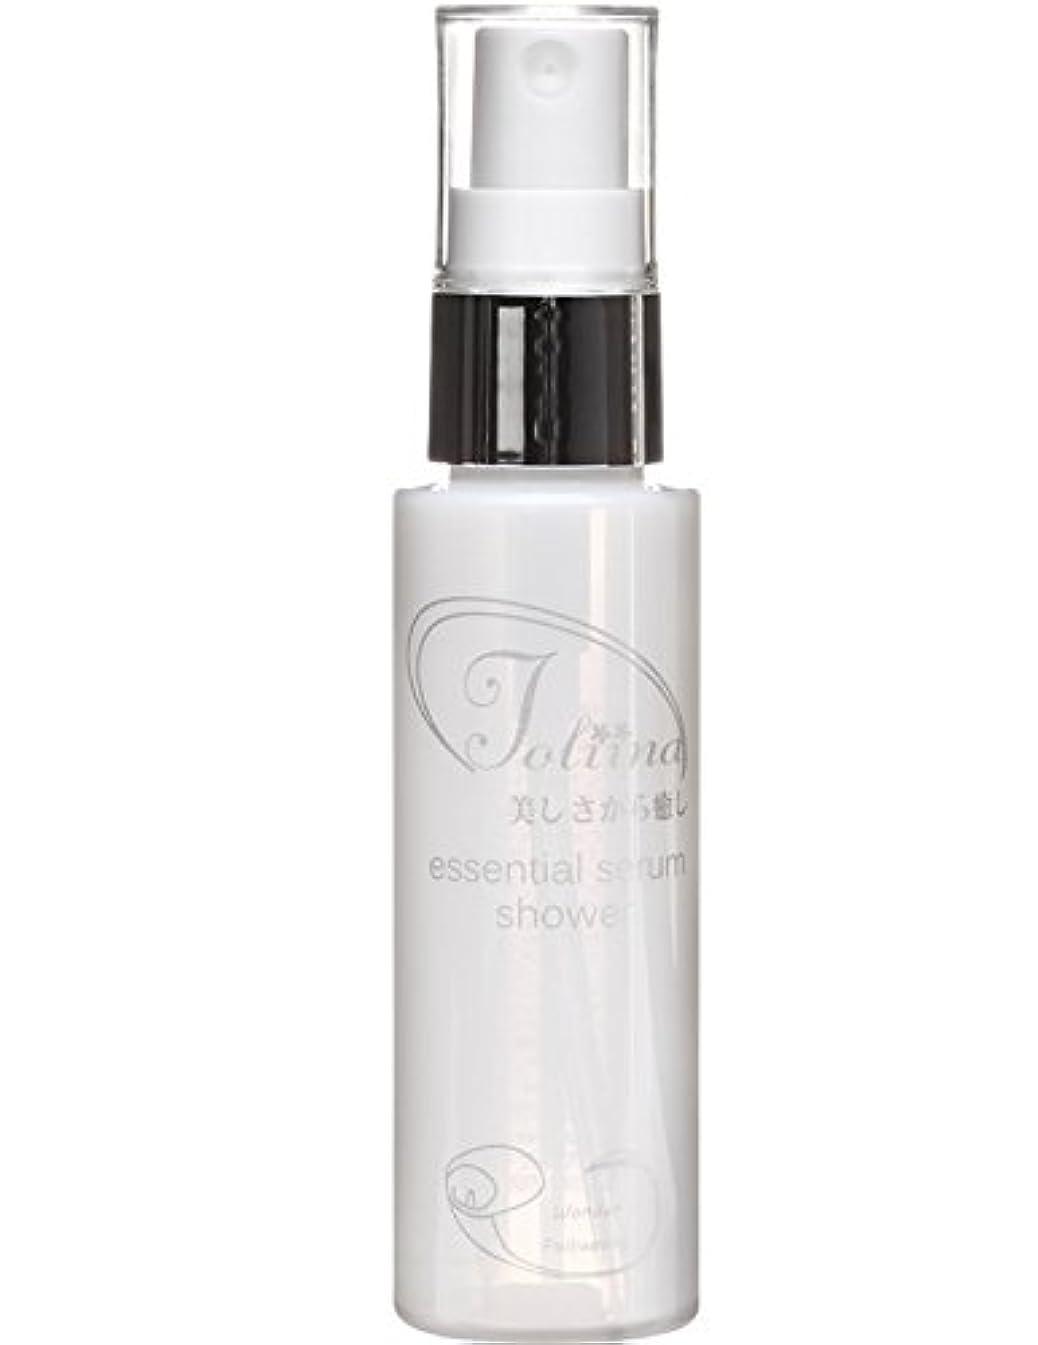 振り返る多様性冷酷なToliina essential serum shower